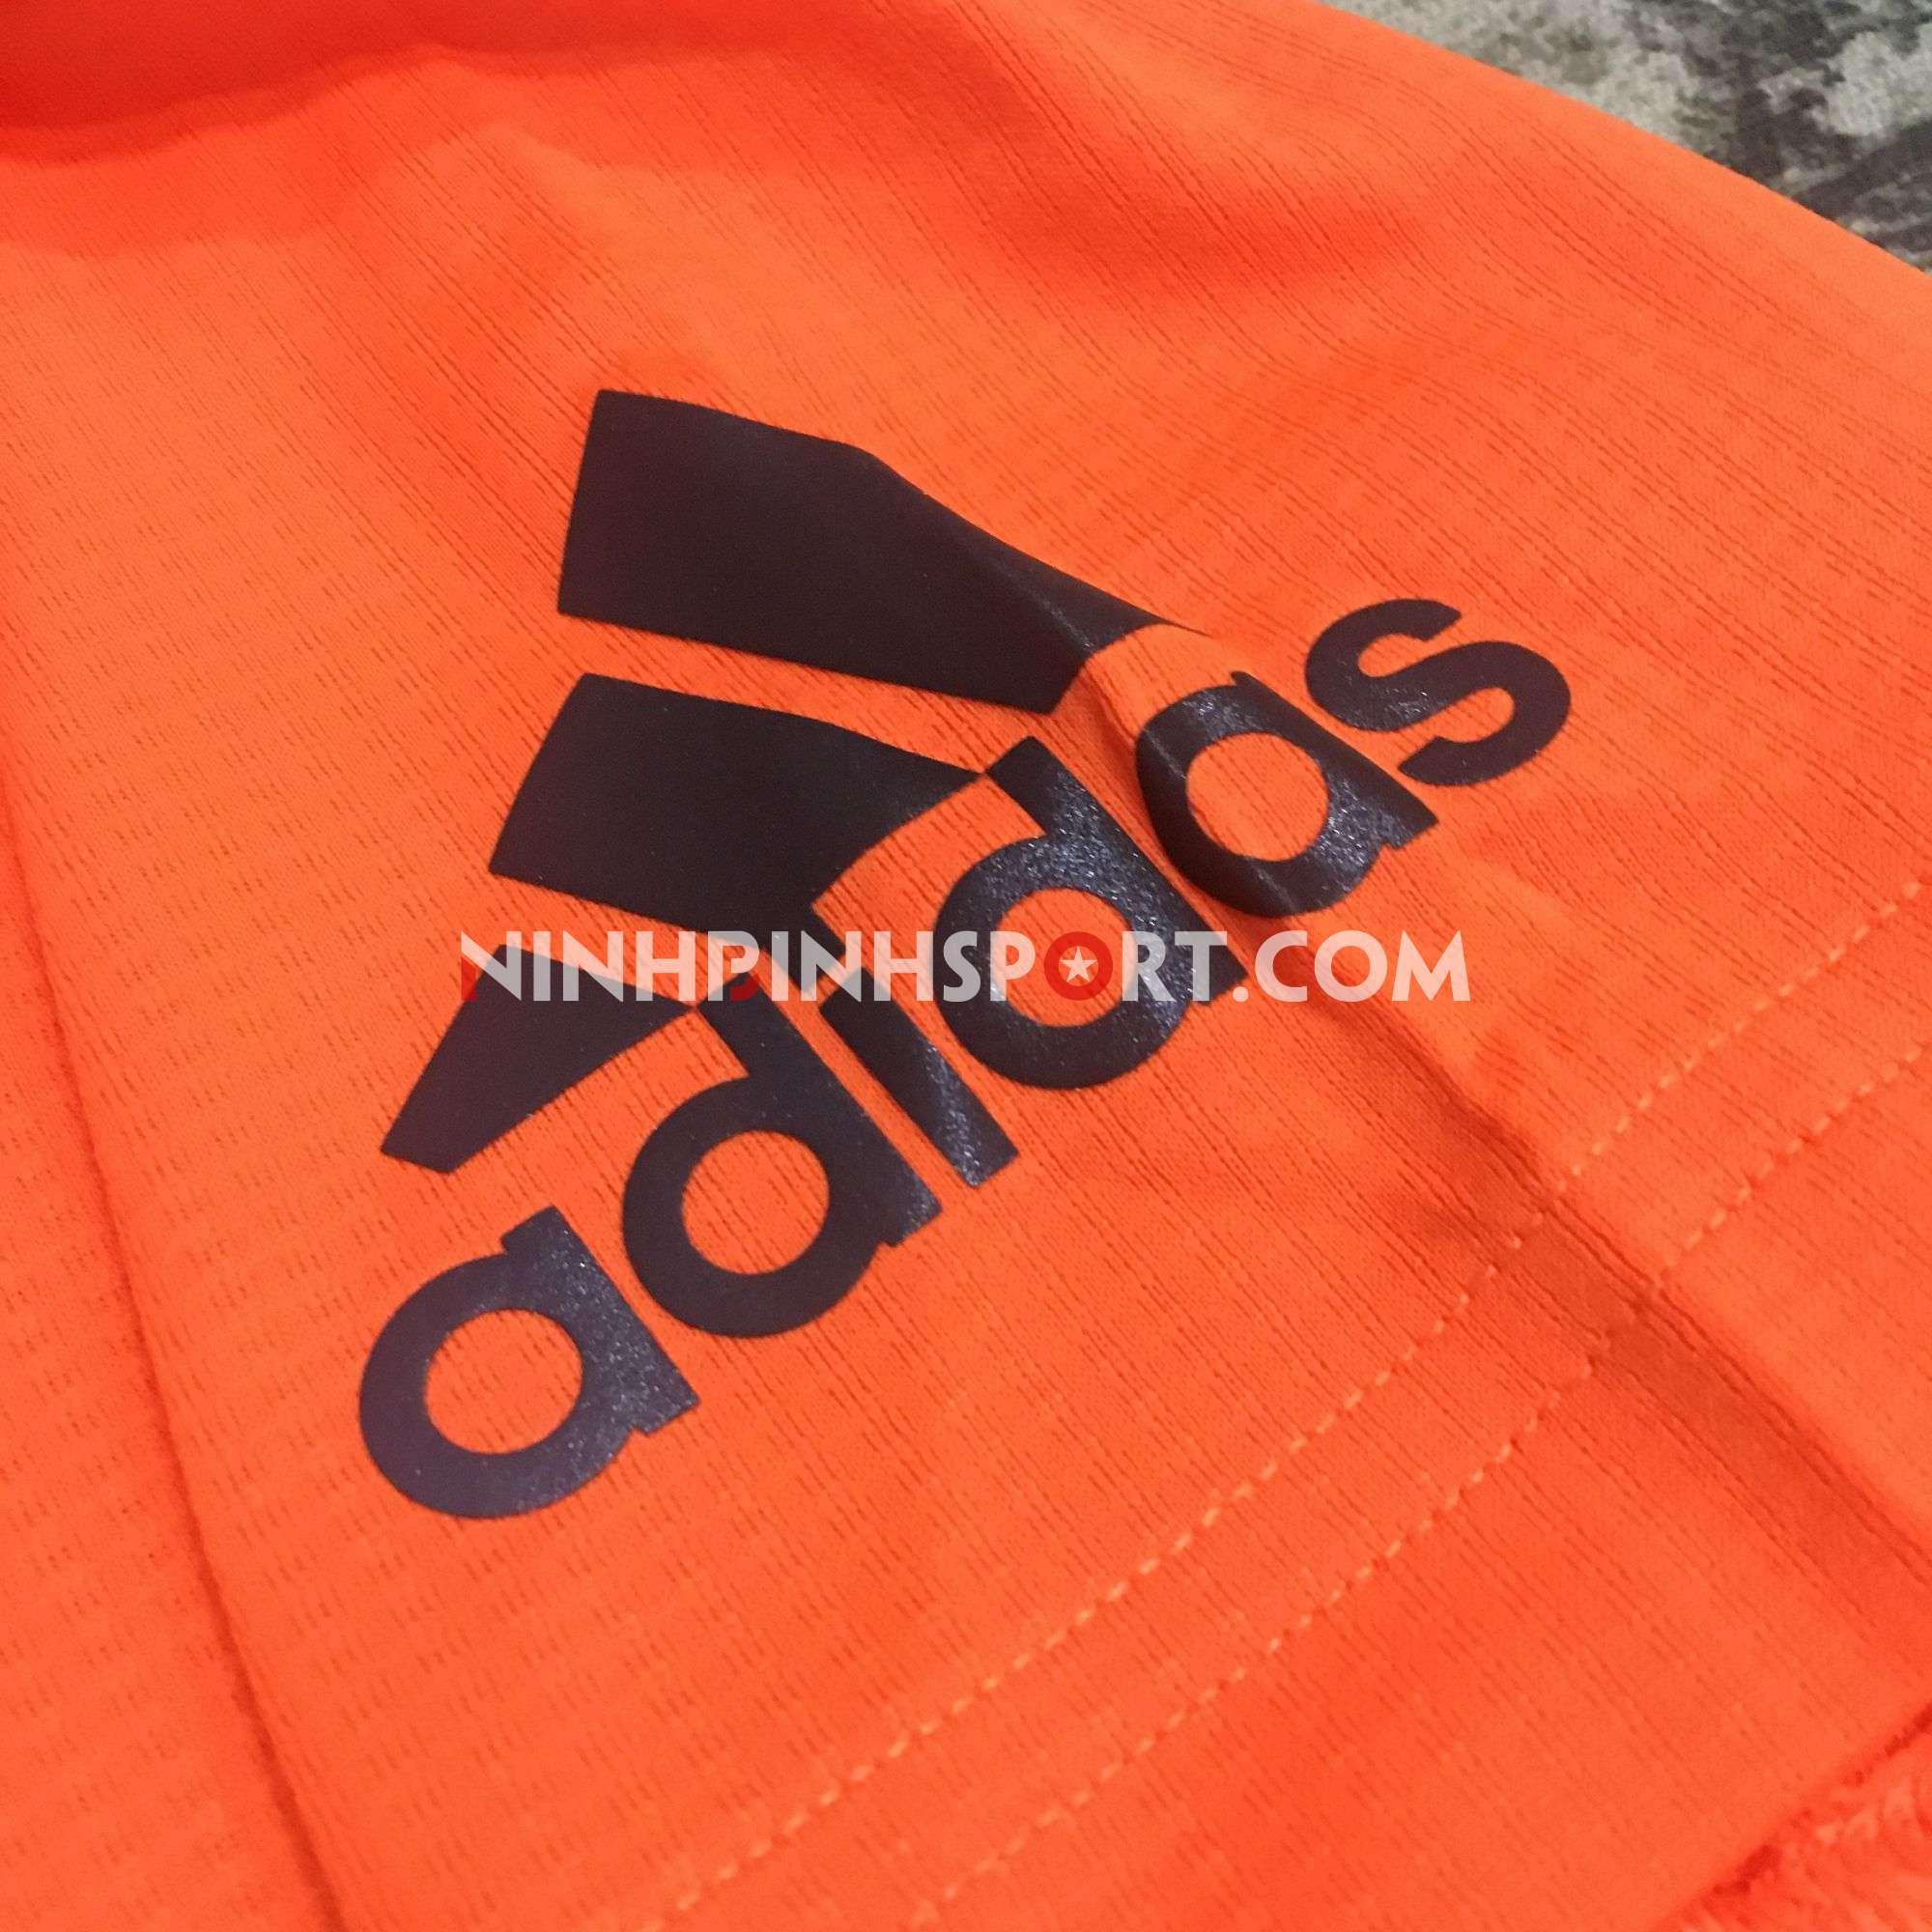 Áo thể thao nam Adidas FreeLift Climachill Tee - Orange CD9770